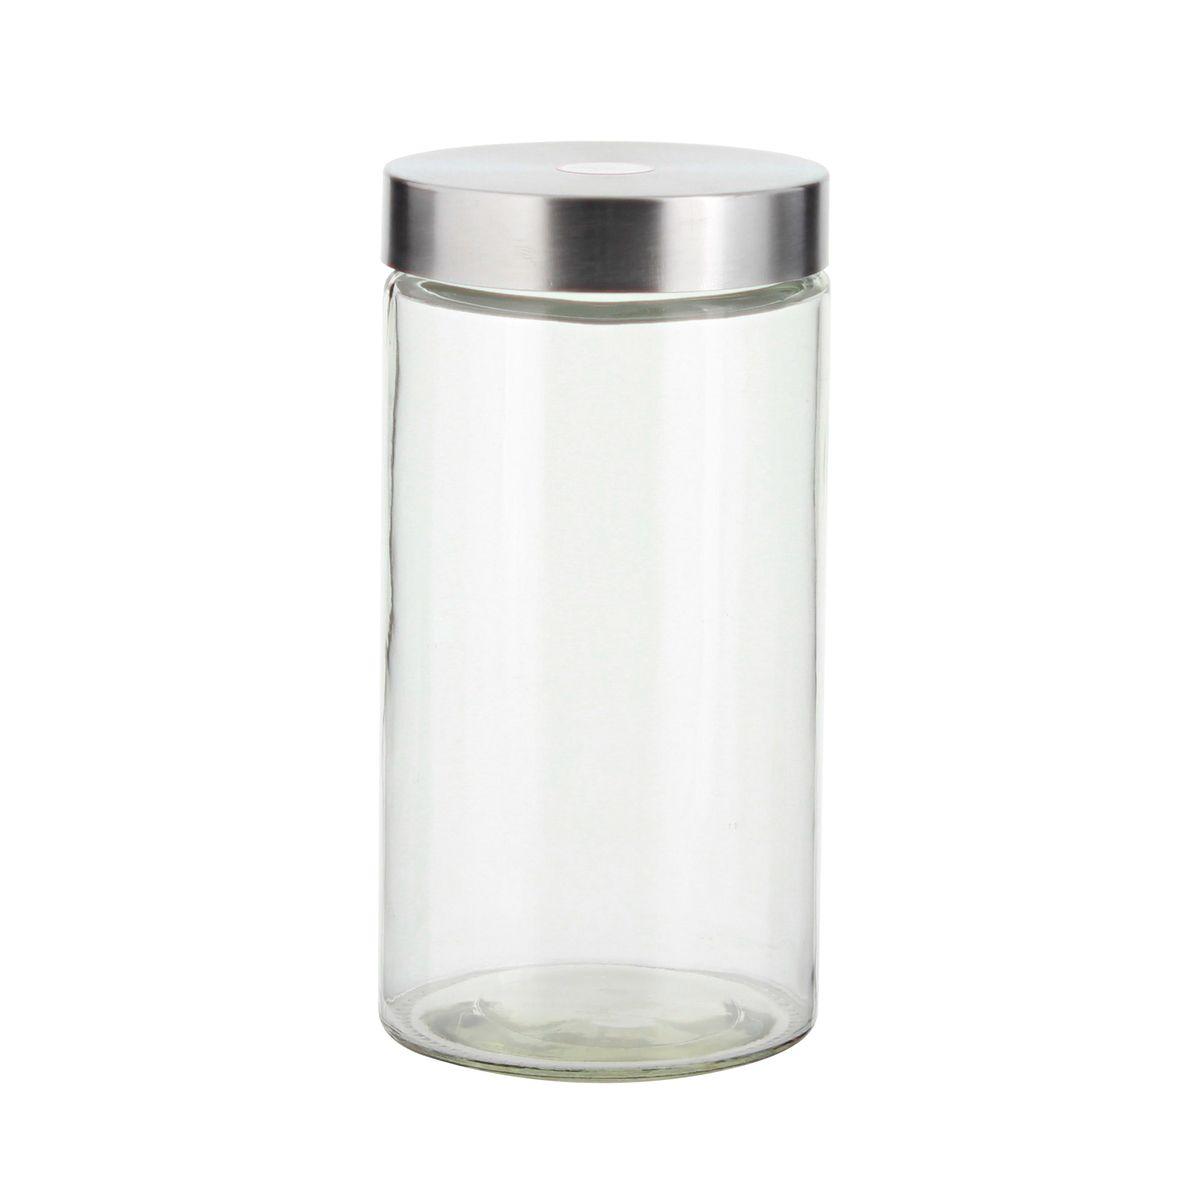 Pot rangement verre/inox 11 x 21.5 cm Zeller